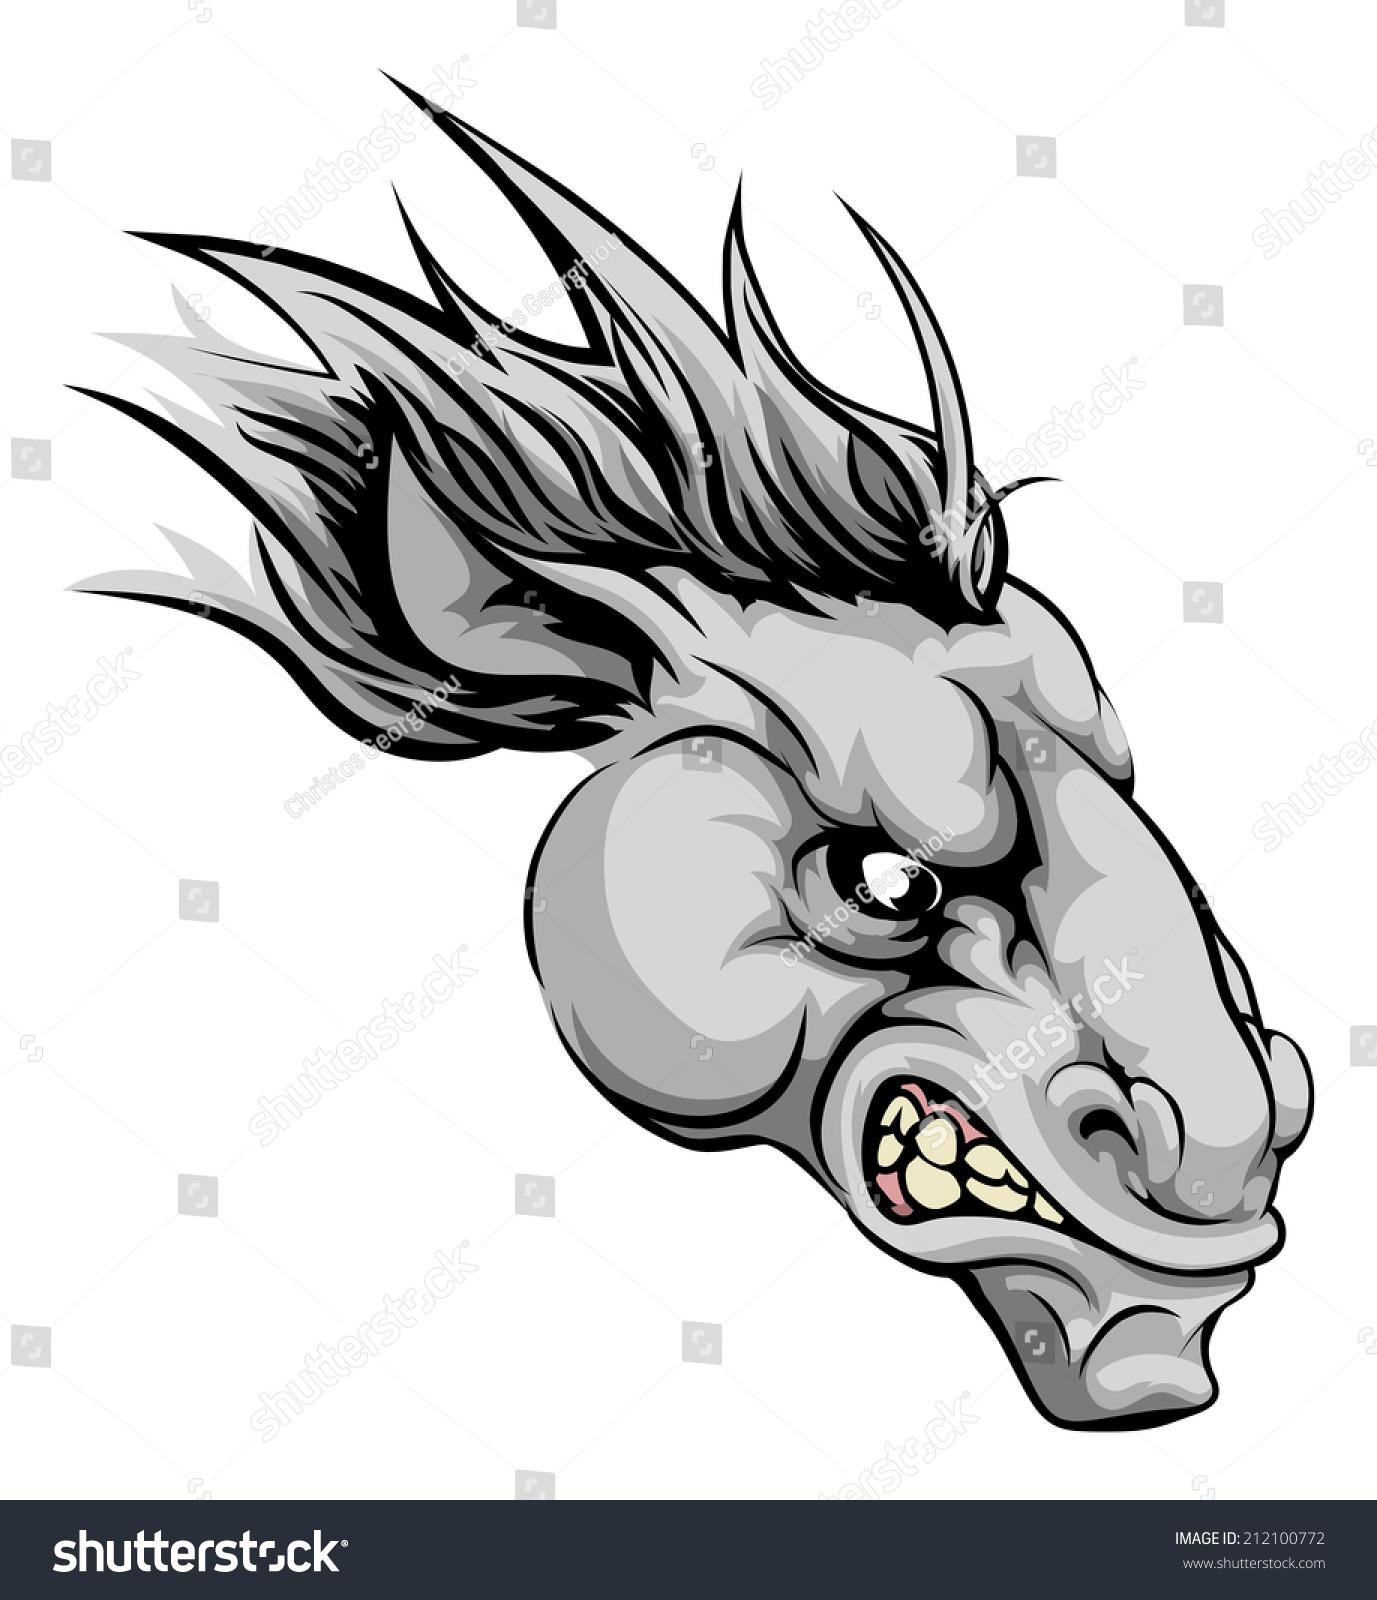 激烈的插图马动物角色或体育吉祥物-动物/野生生物